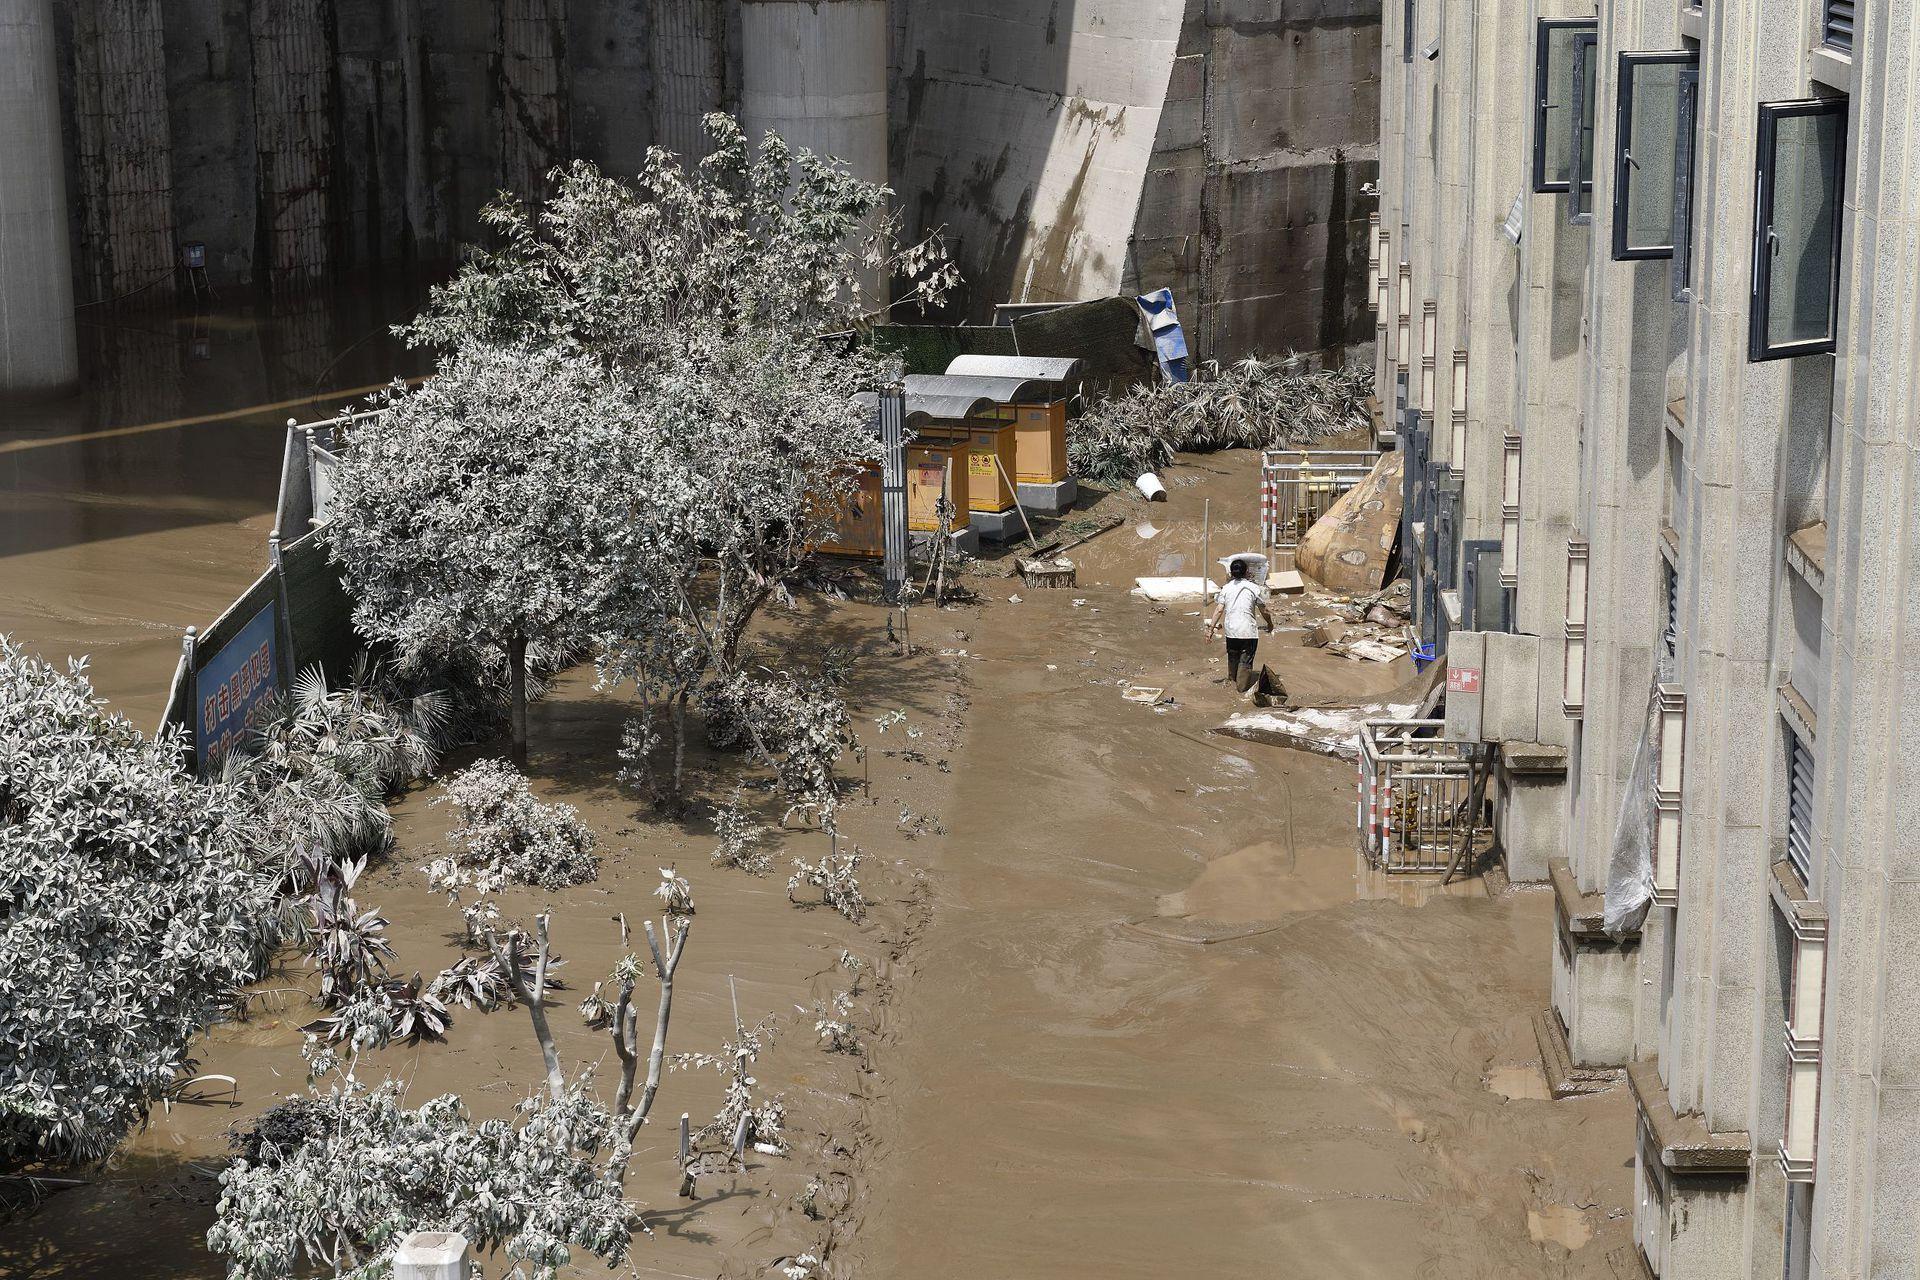 据官方报道,截至8月20日8时,此次洪峰过境导致重庆15个区县26.32万人受灾。受洪水淹没商铺2.37万间、企事业单位及经营性市场860个、临江道路320条、桥梁148座、车库194个、车位4.2万个、机动车663辆等,倒损房屋4,095间,农作物受灾面积8,636公顷,直接经济损失24.5亿元(1元人民币约合0.14美元)。